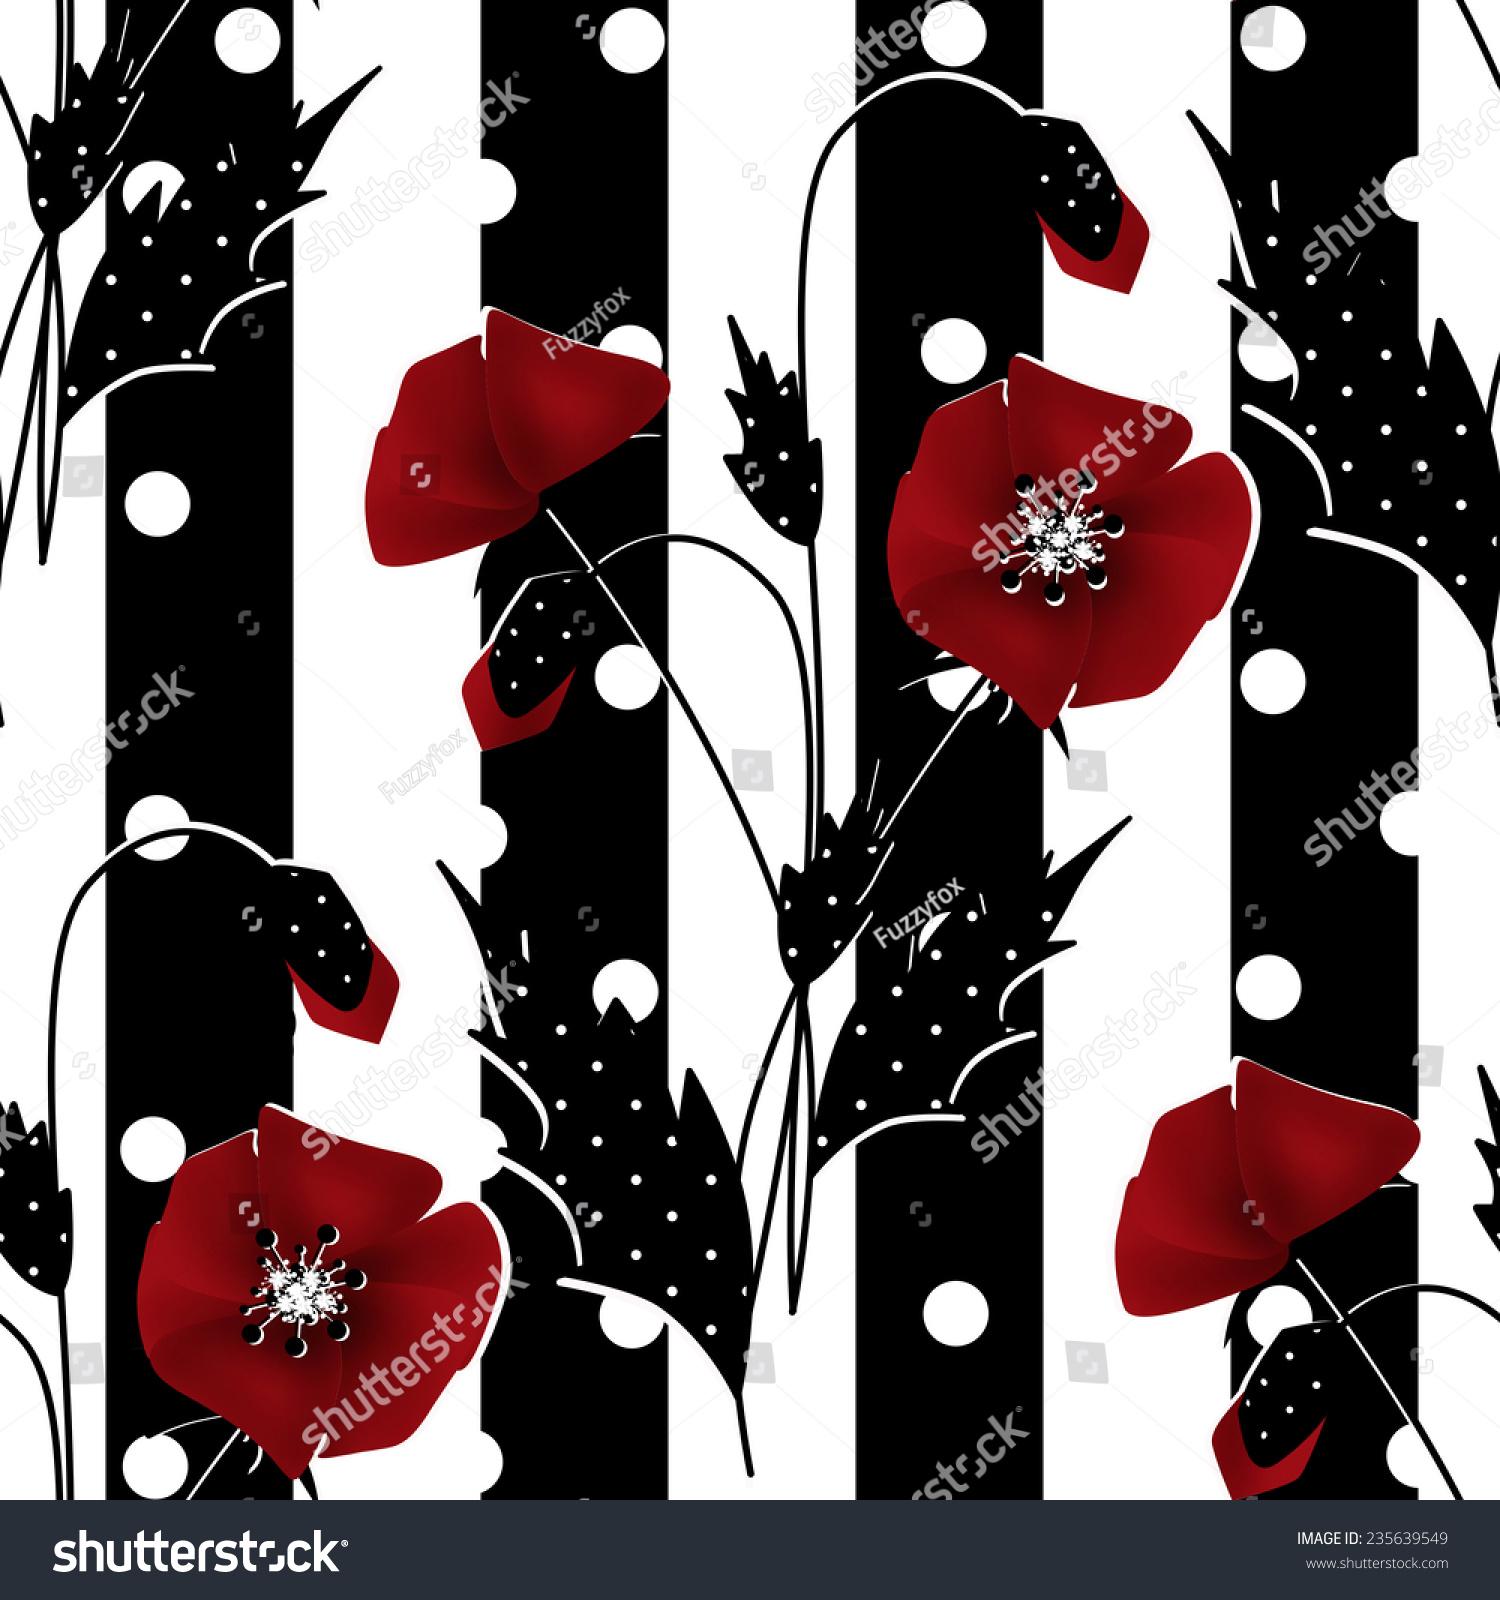 红罂粟花图案的黑白条纹无缝背景-背景/素材,自然-()